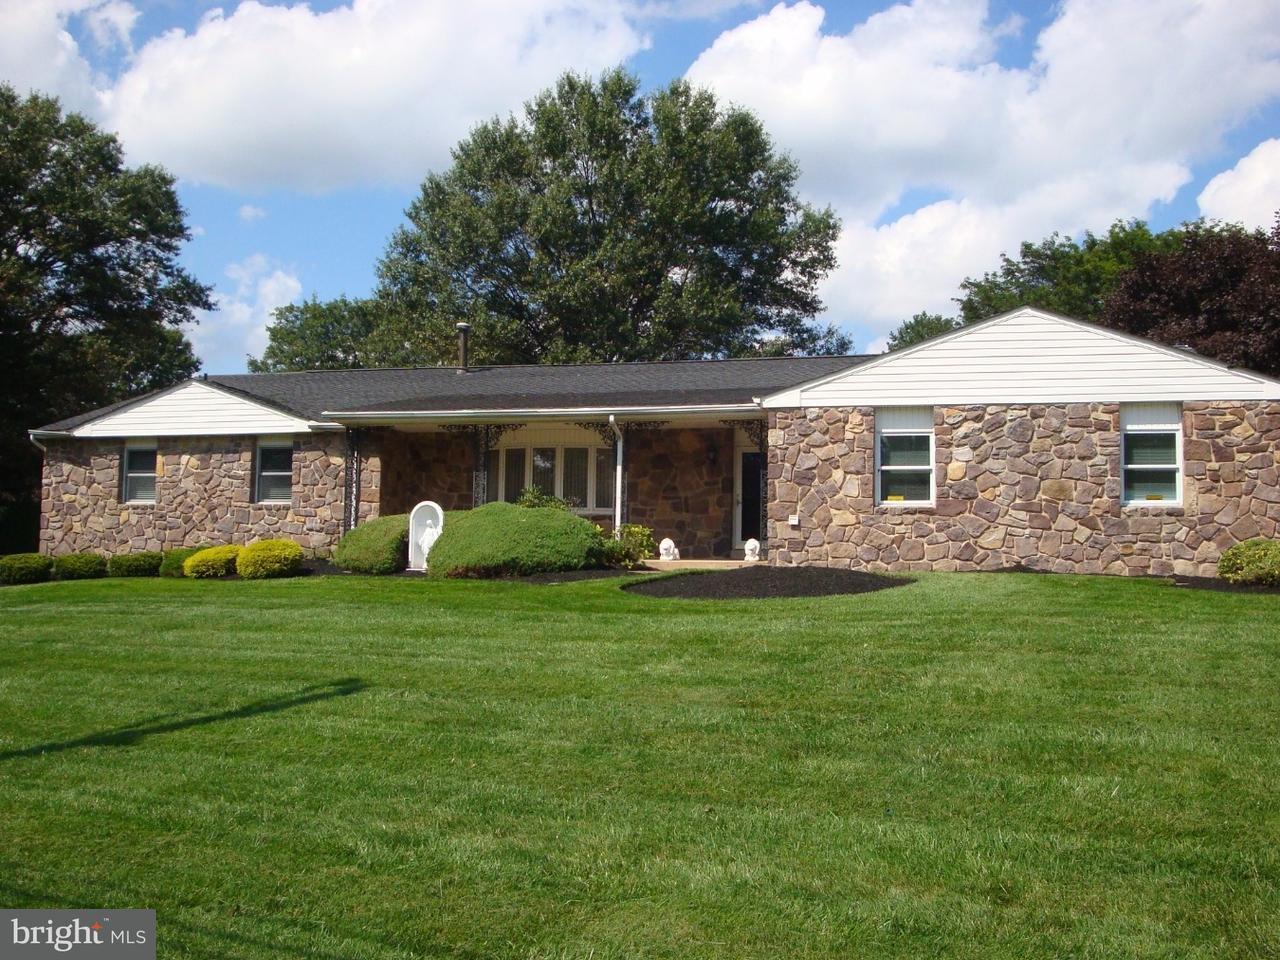 Частный односемейный дом для того Продажа на 6 JAMES Drive Richboro, Пенсильвания 18954 Соединенные Штаты